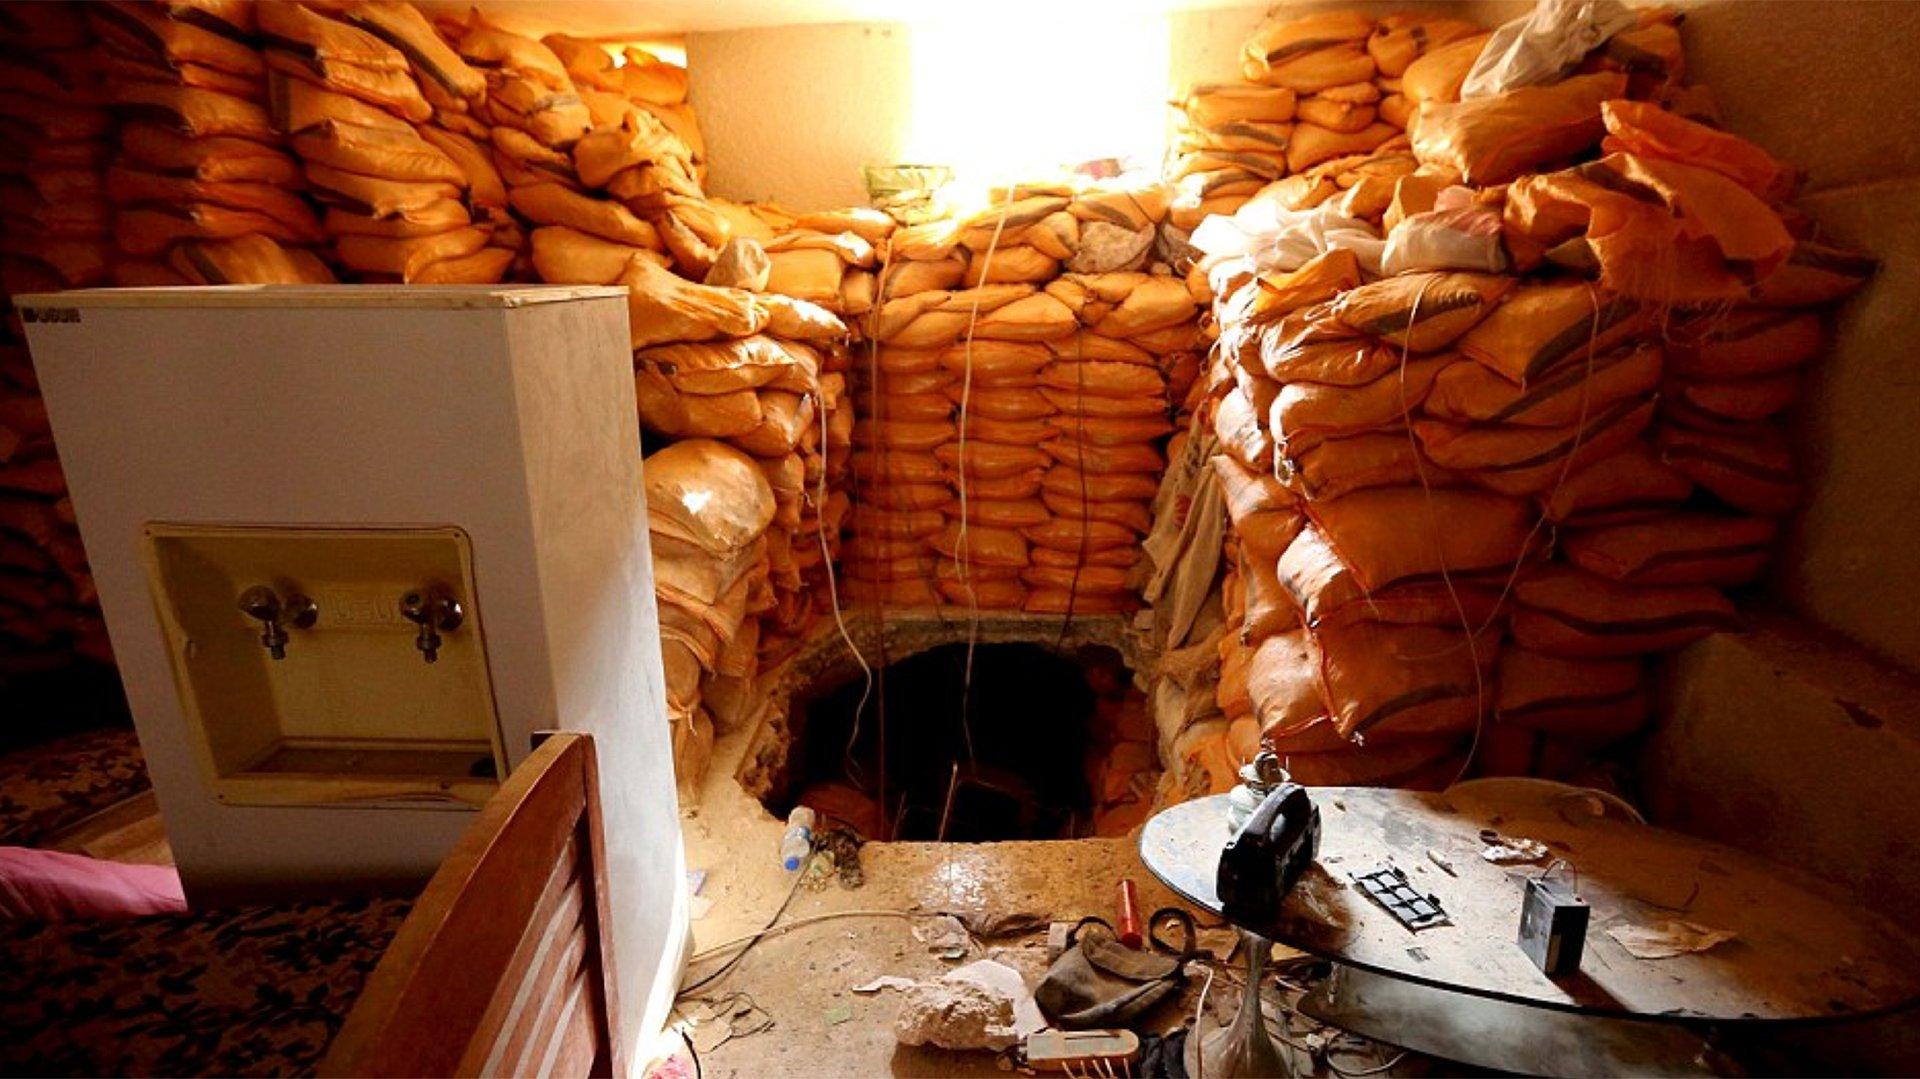 Los túneles fueron hechos en diciembre en la ciudad iraquí de Sinjar. Los terroristas proveían con electricidad el interior de los escondites.